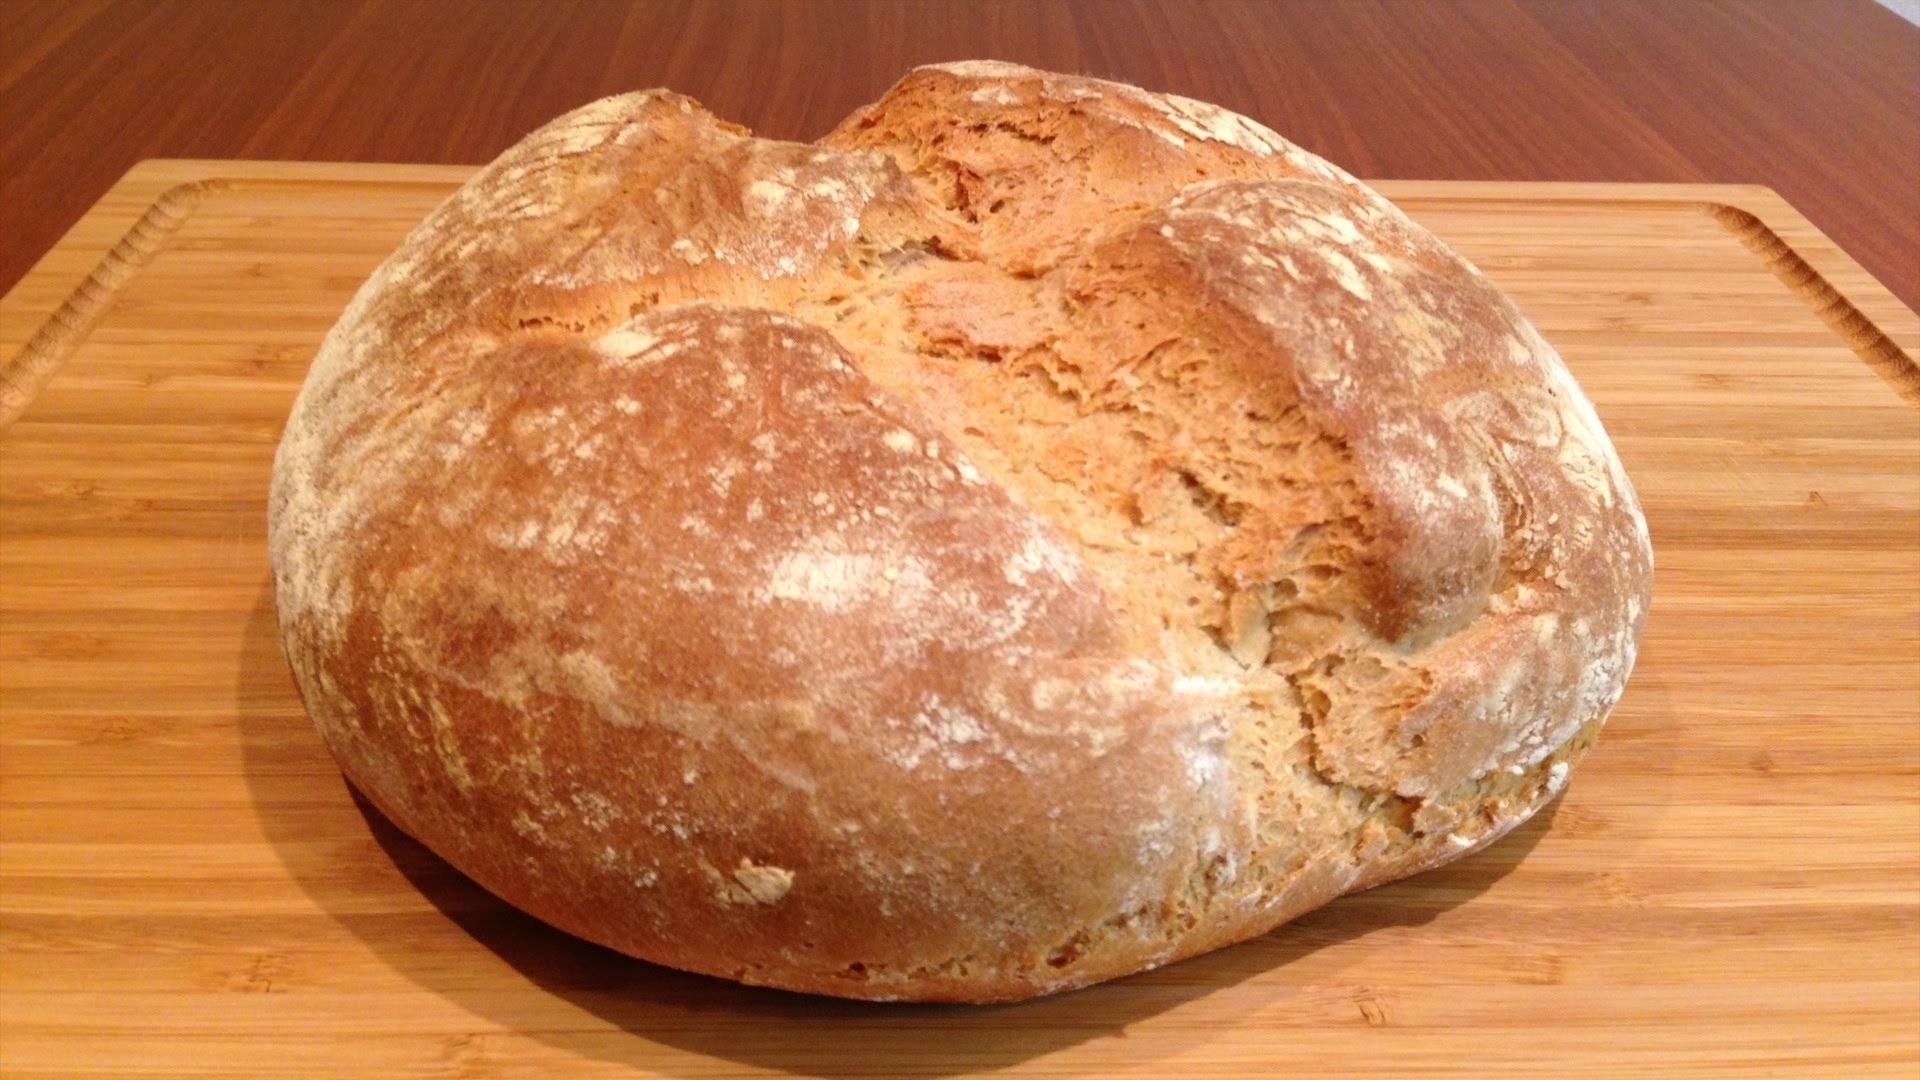 Хлеб является фундаментом и универсальной пищей, поэтому сон трактуется именно так.